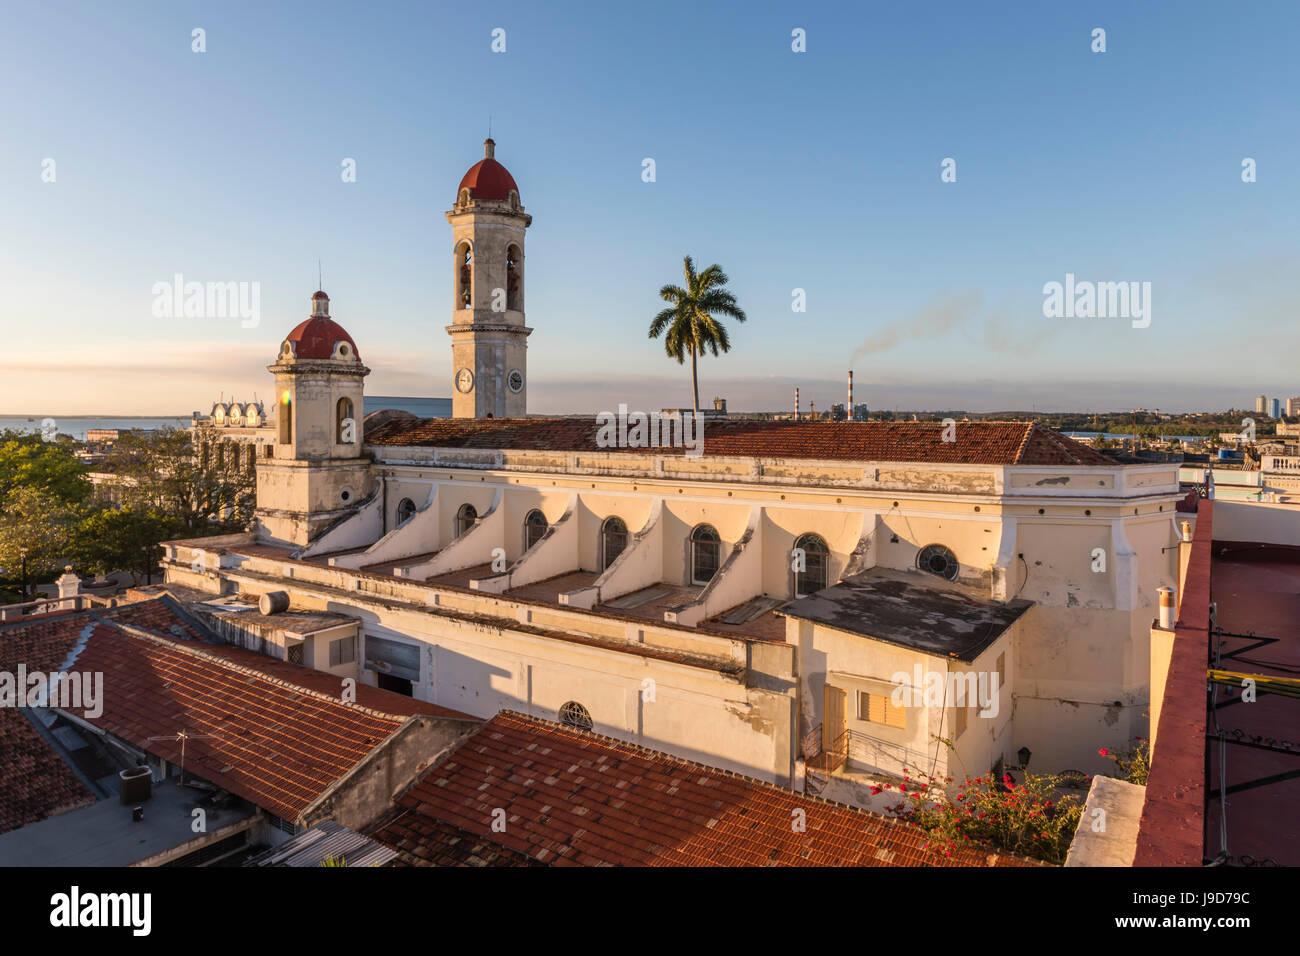 La Catedral de la Purisima Concepcion dans Plaza Jose Marti, Cienfuegos, Site du patrimoine mondial de l'UNESCO, Photo Stock